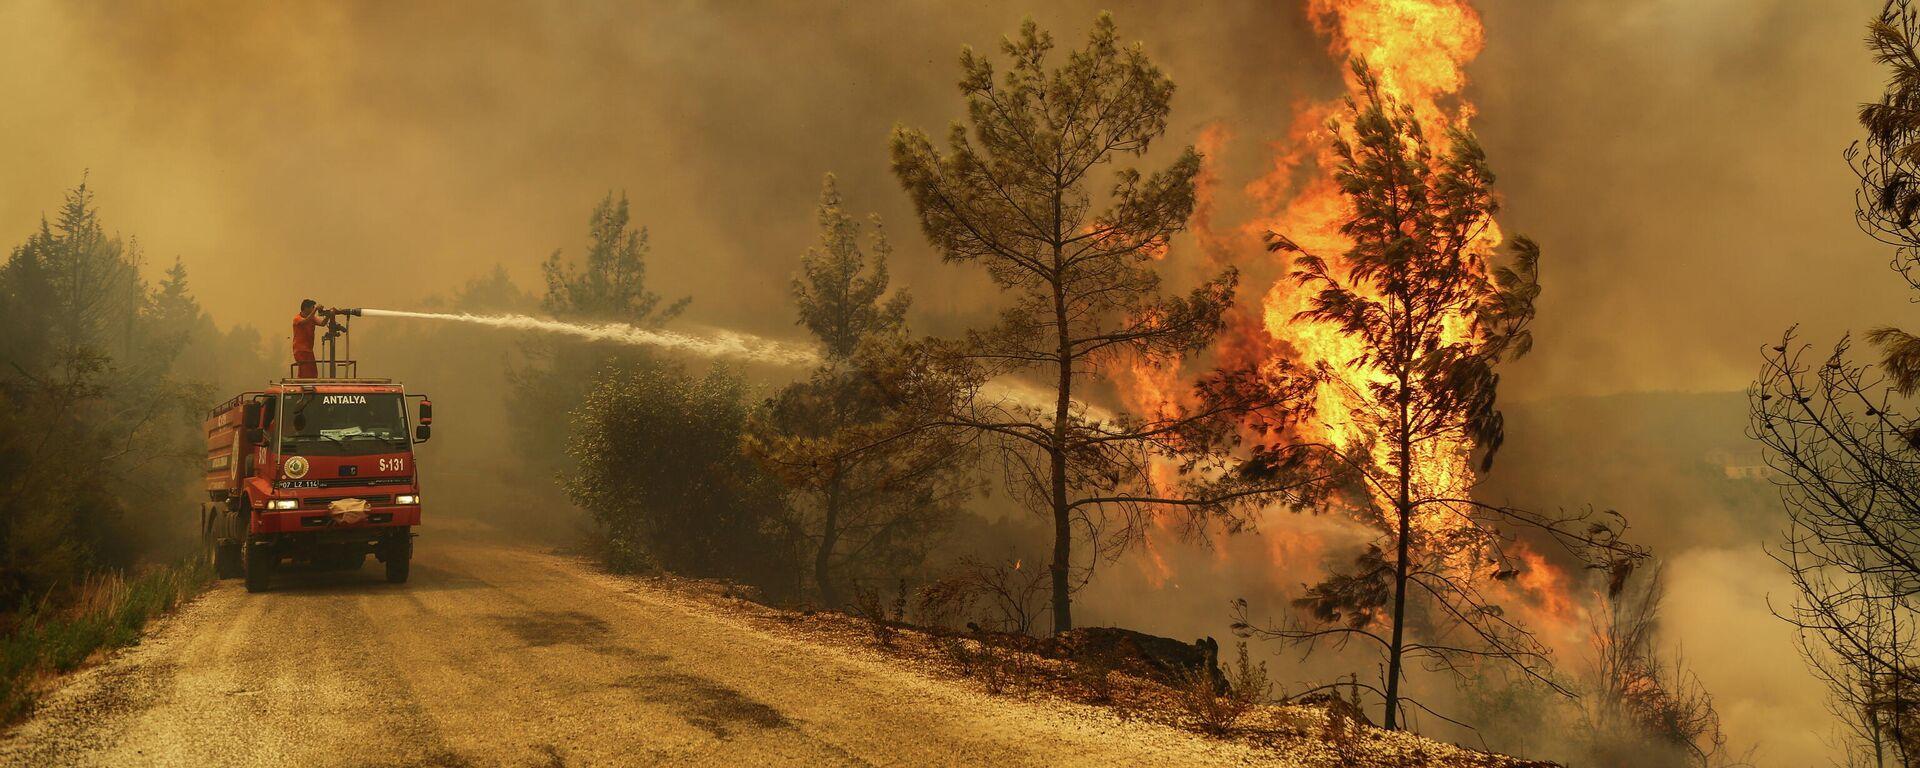 Bomberos combaten los incendios forestales en Turquía - Sputnik Mundo, 1920, 31.07.2021